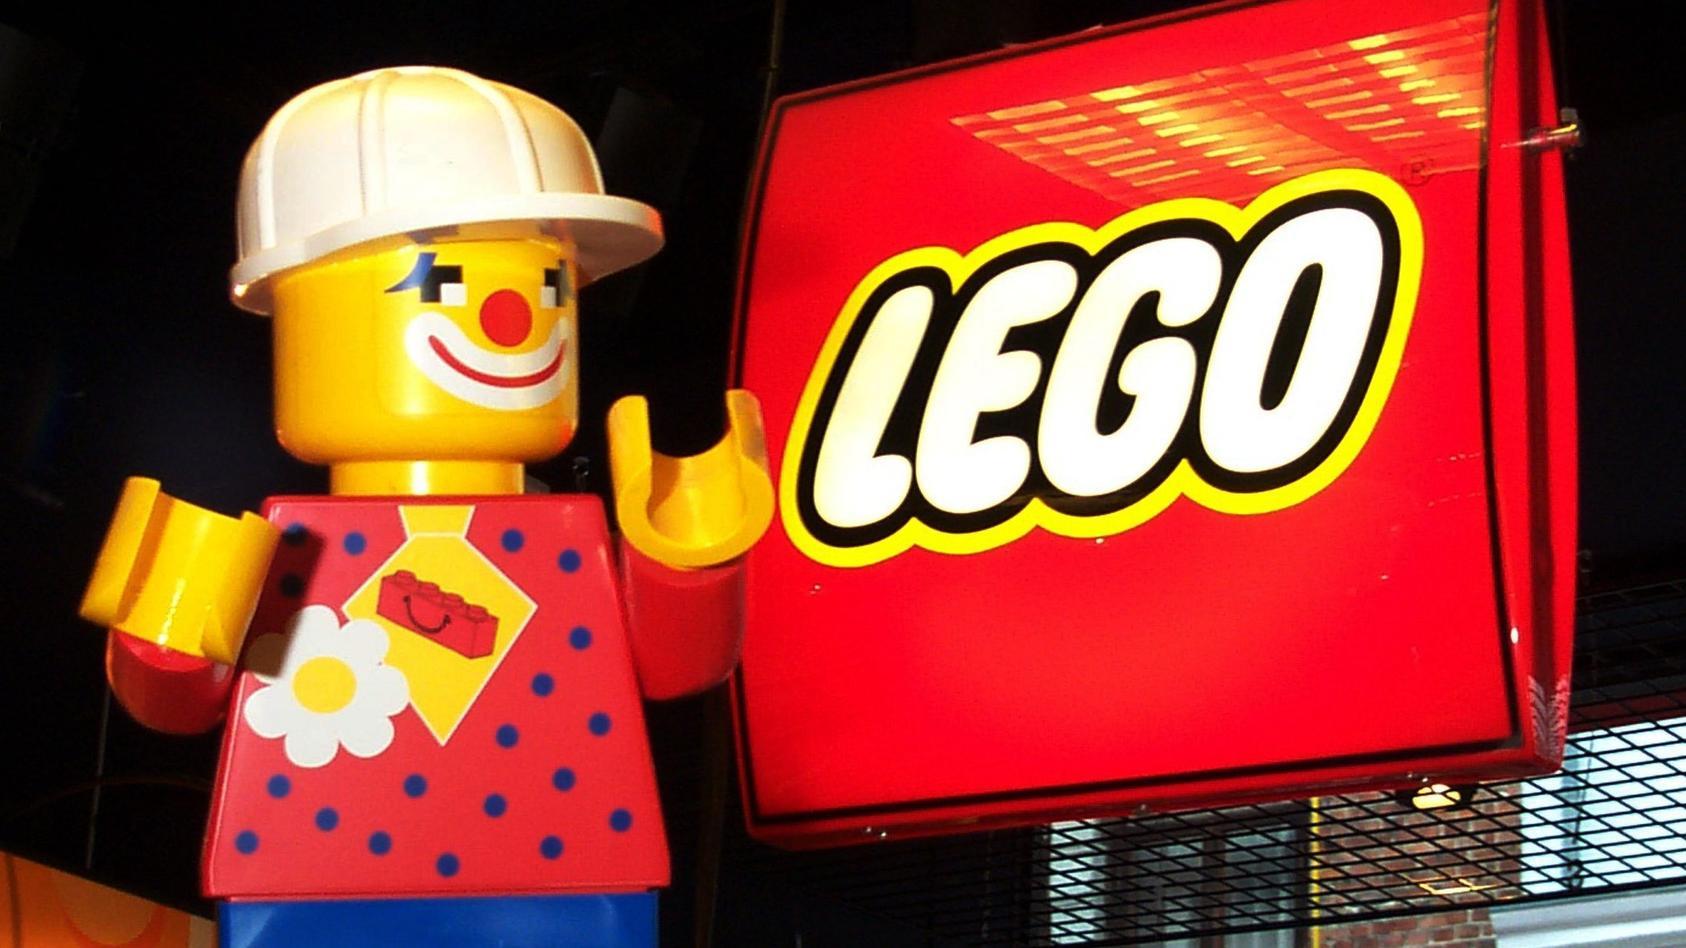 Der dänische Spielzeugkonzern Lego und sein Logo.